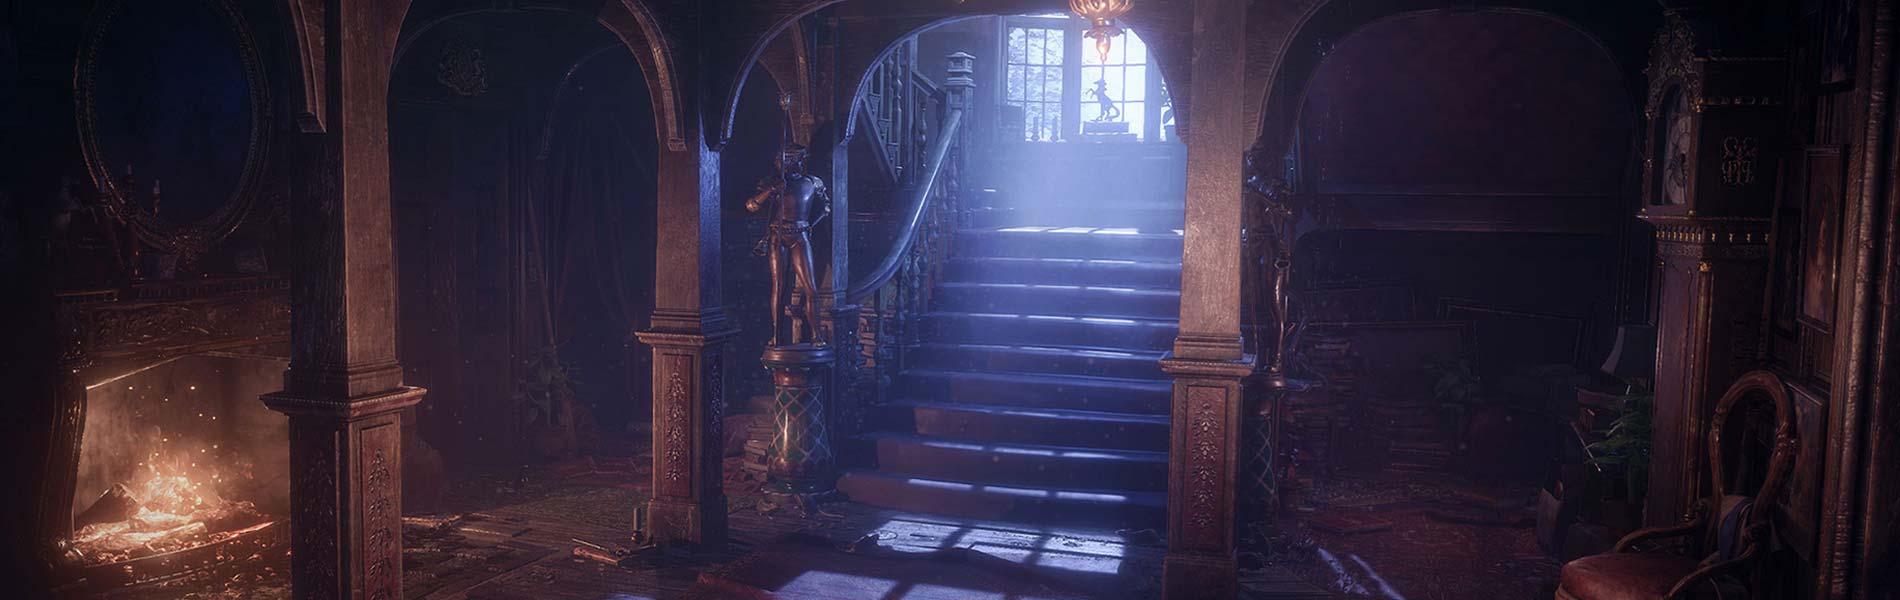 Spelvärld - pampig hall i gammalt hus